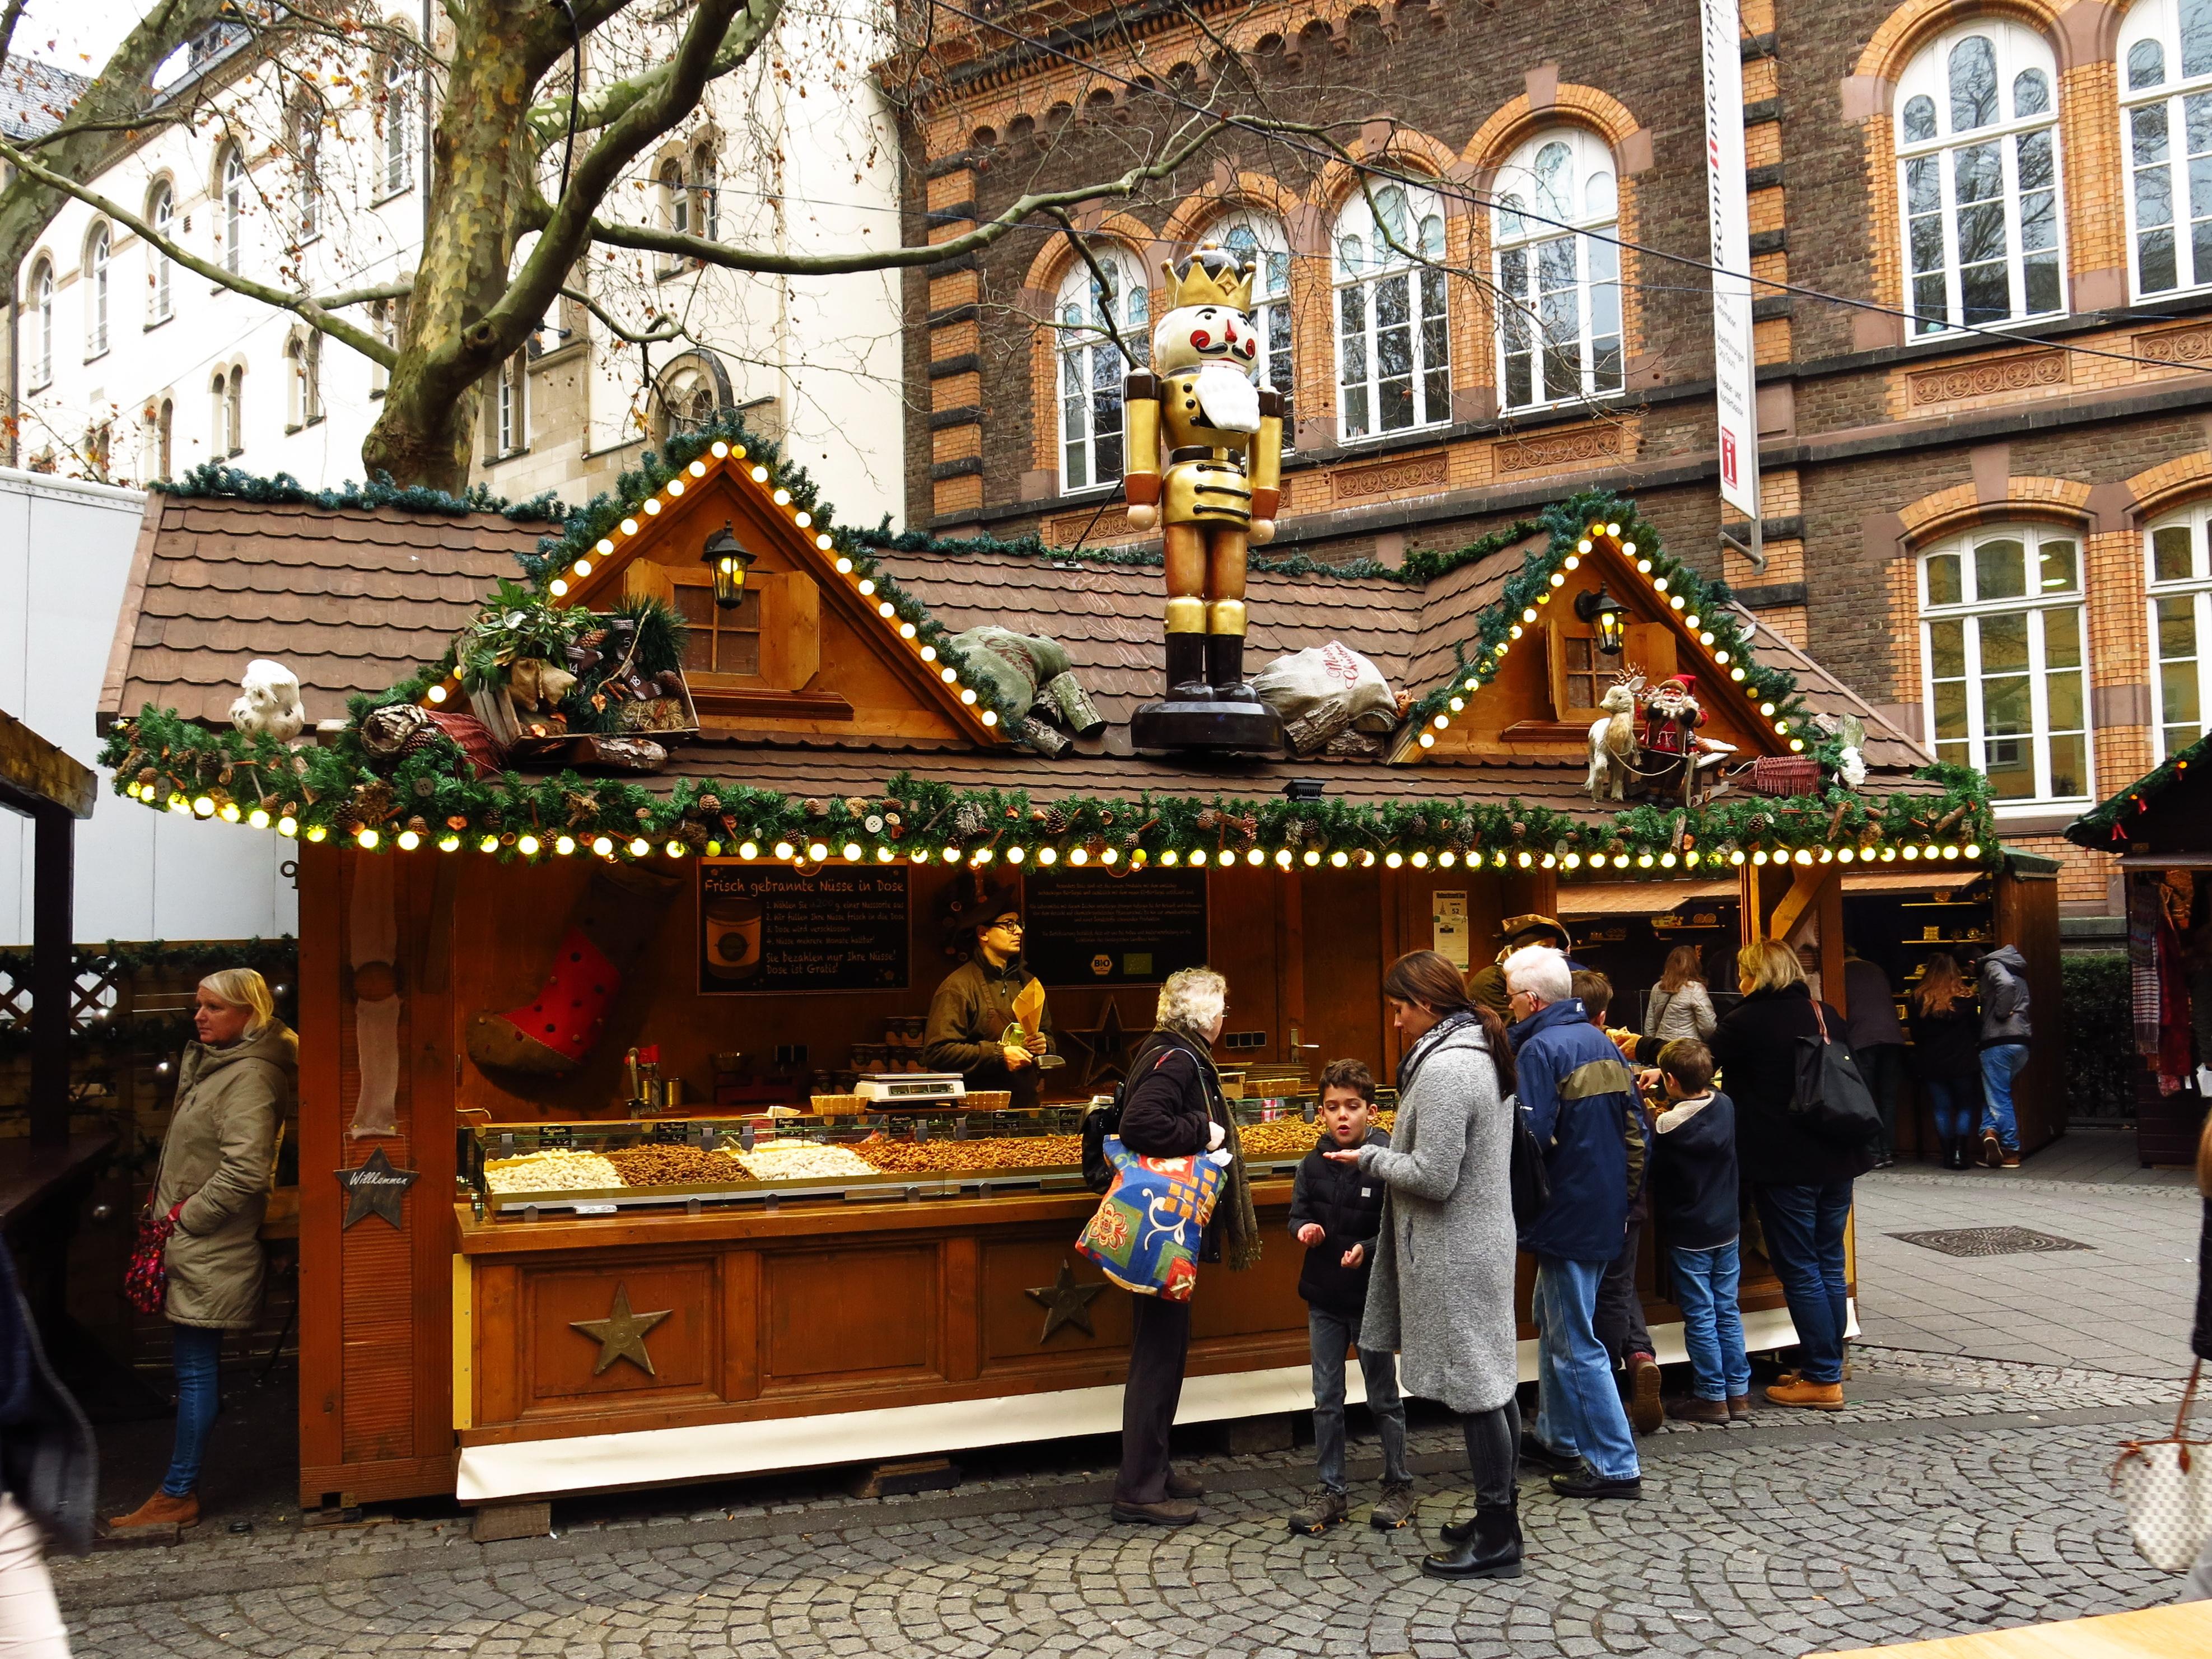 Weihnachtsmarkt Bonn.File Bonn Weihnachtsmarkt 2015 07 Jpg Wikimedia Commons